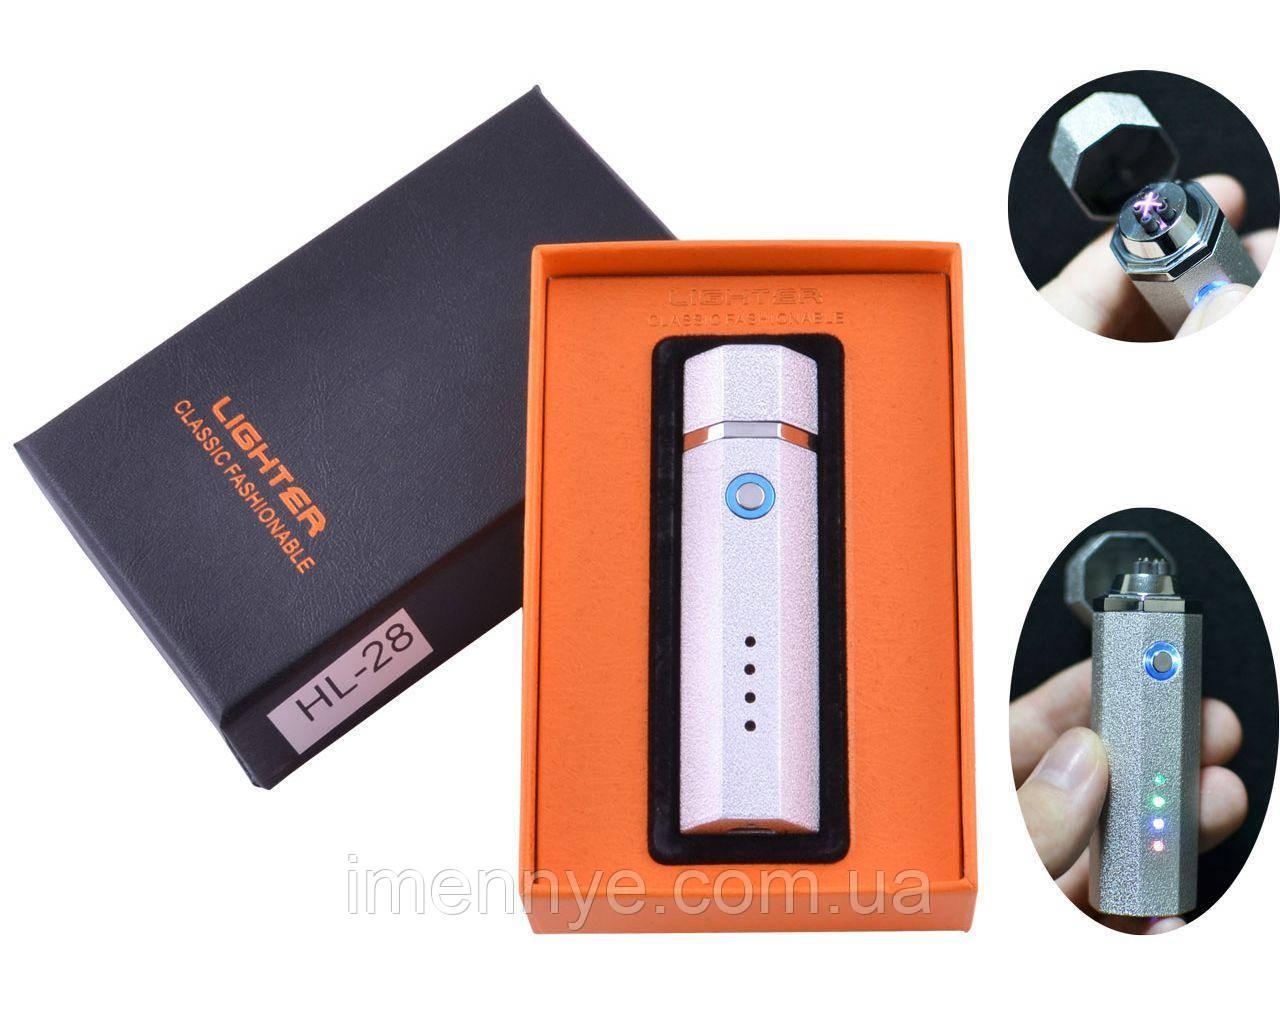 Подарочная USB зажигалка с подсветкой